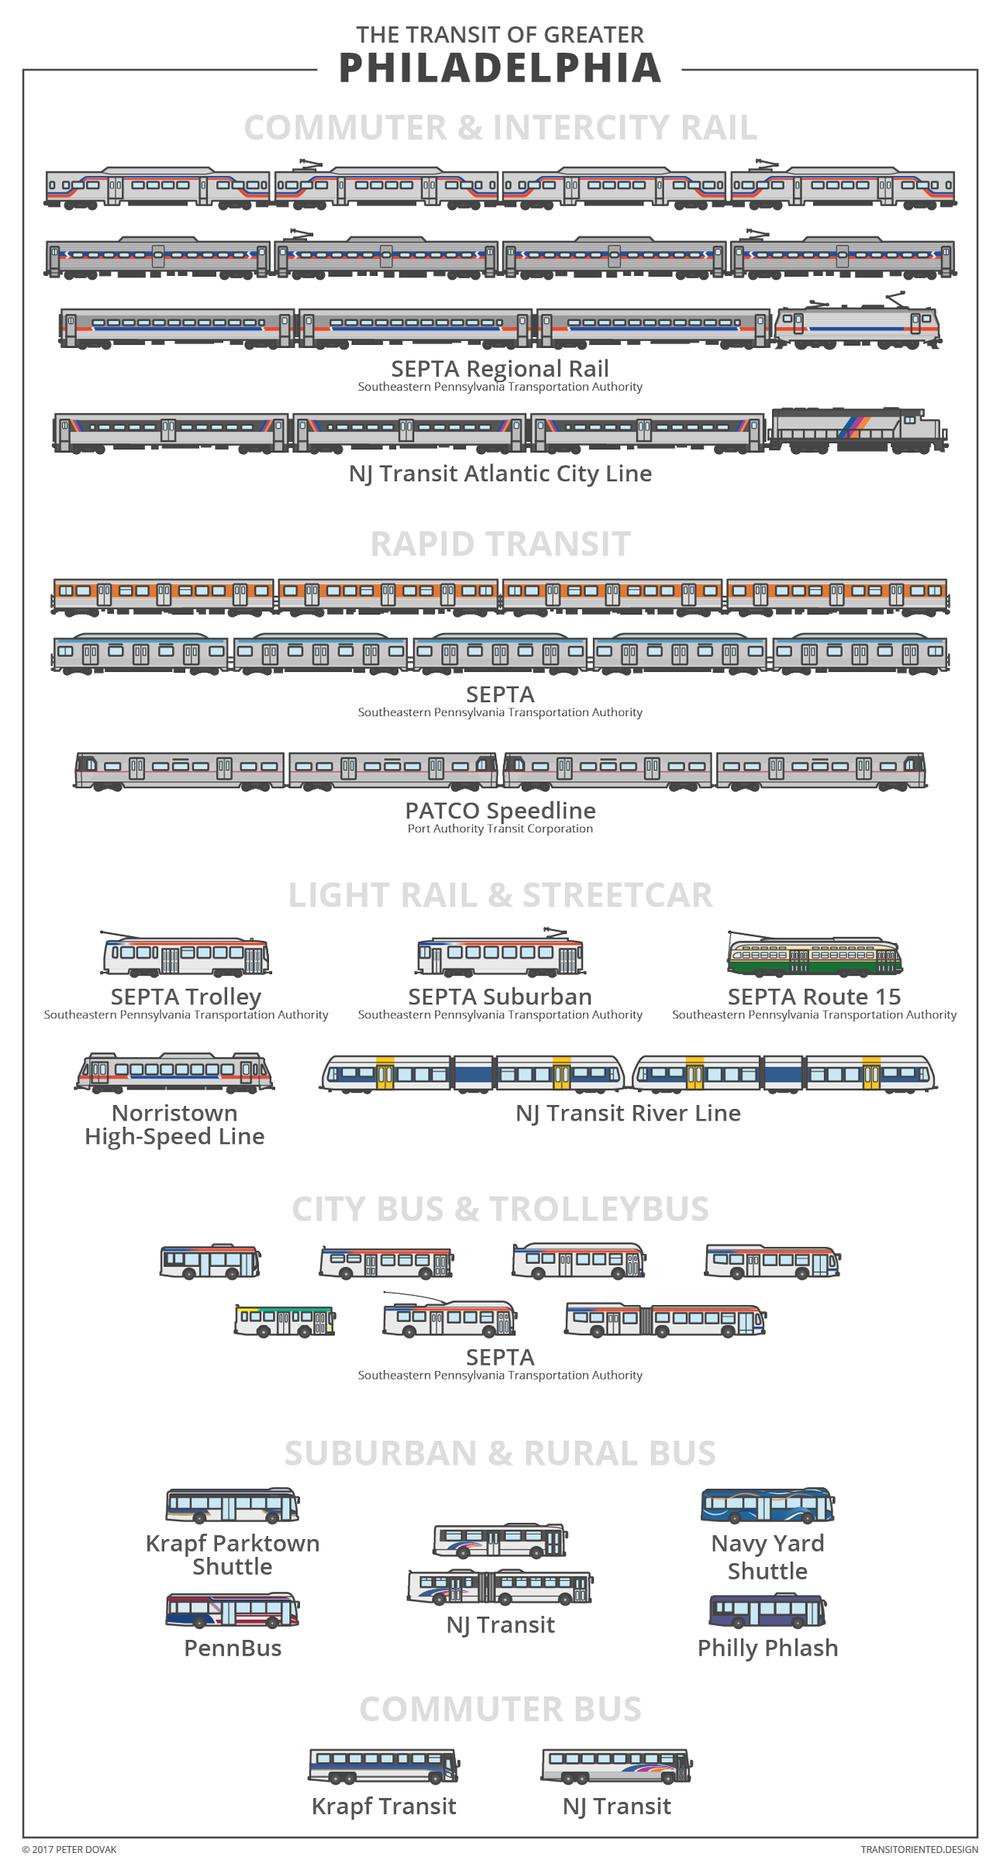 infographic-philadelphia.png